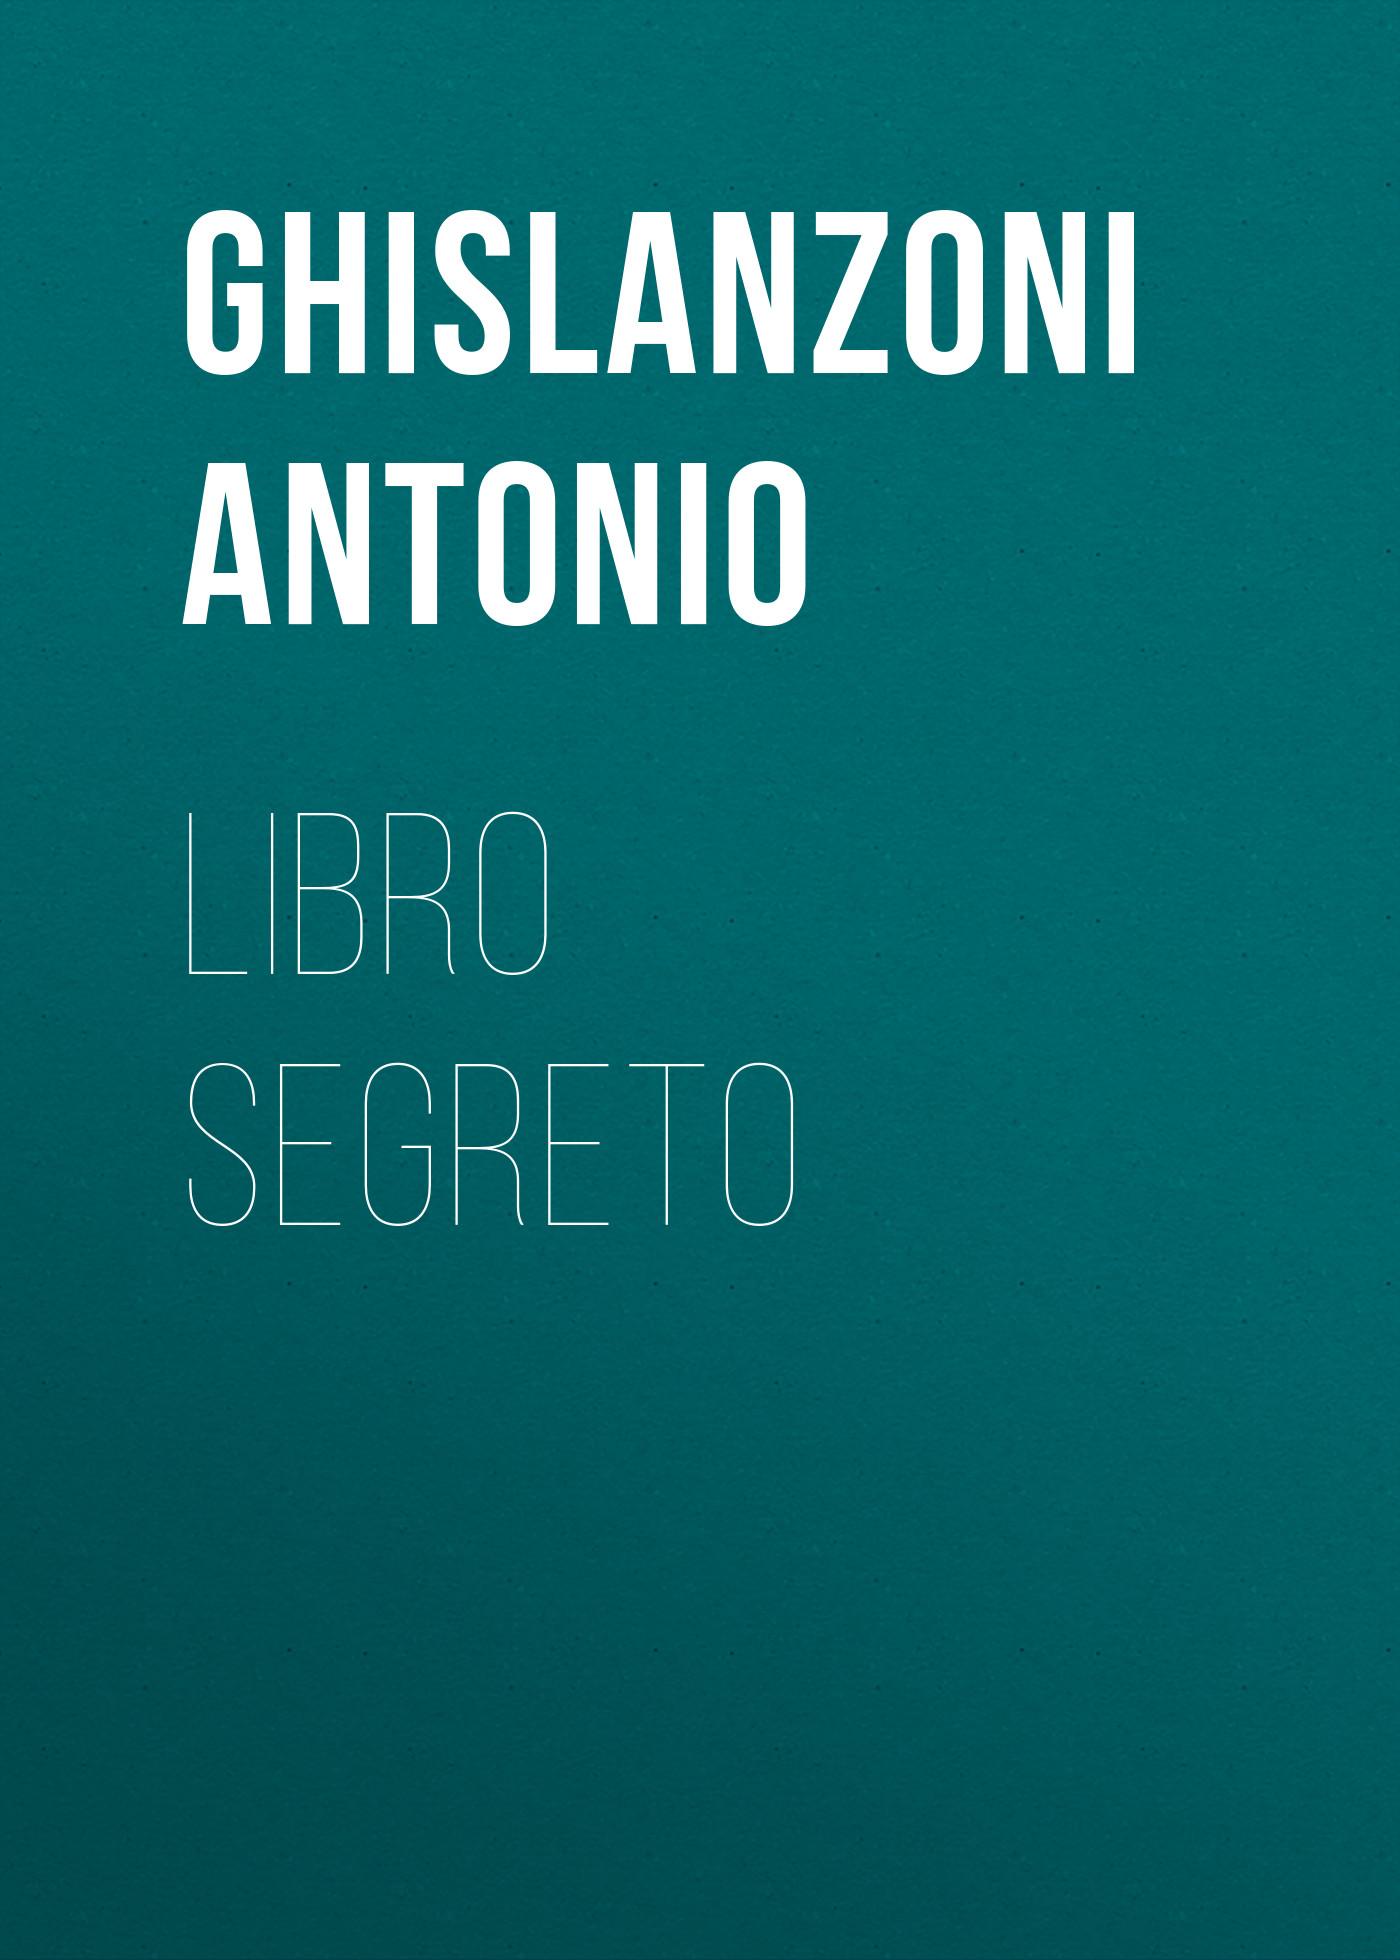 Ghislanzoni Antonio Libro segreto цена